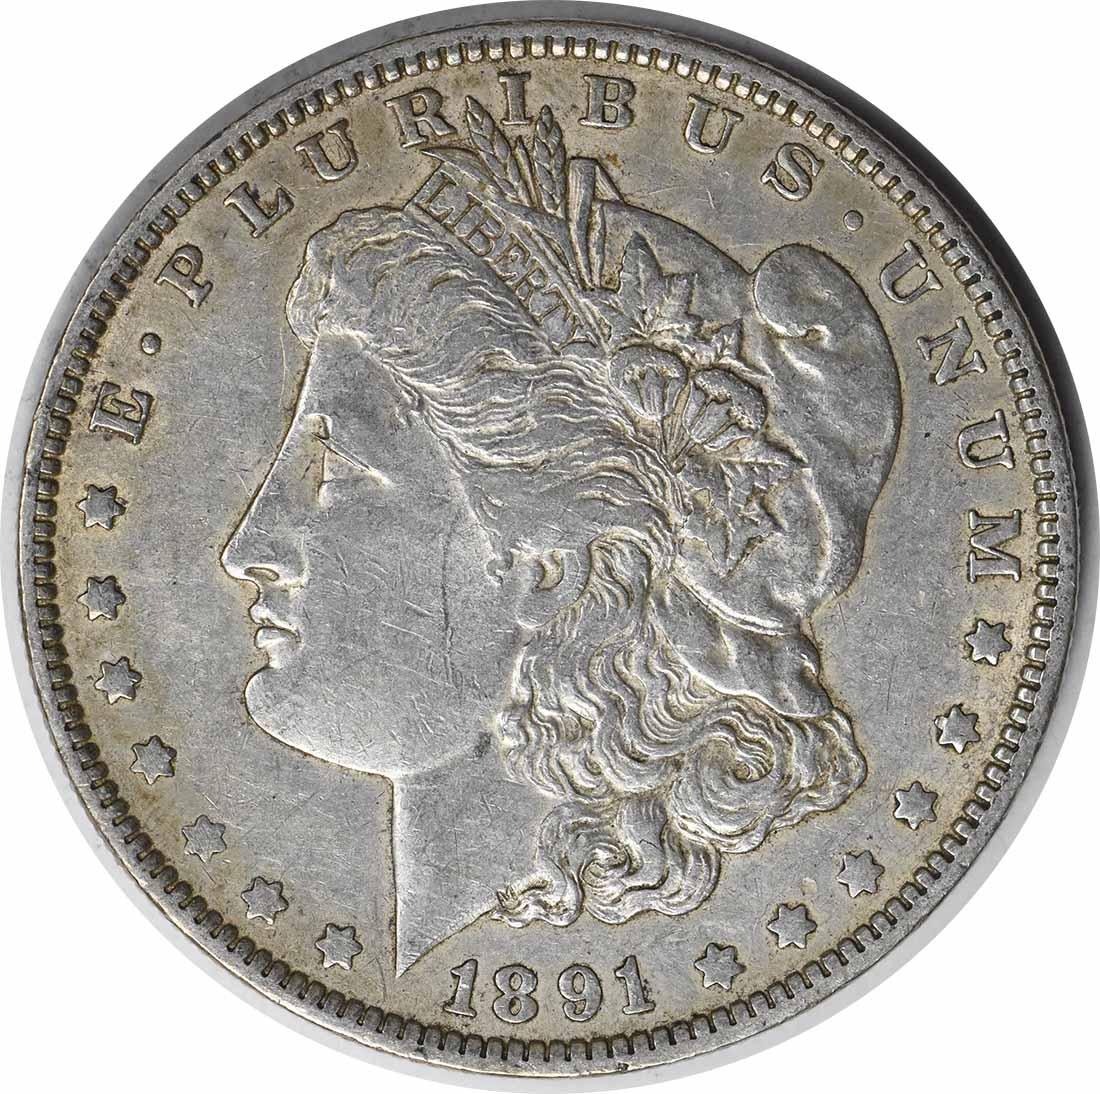 1891-O VAM 1A Morgan Silver Dollar Clashed E EF Uncertified